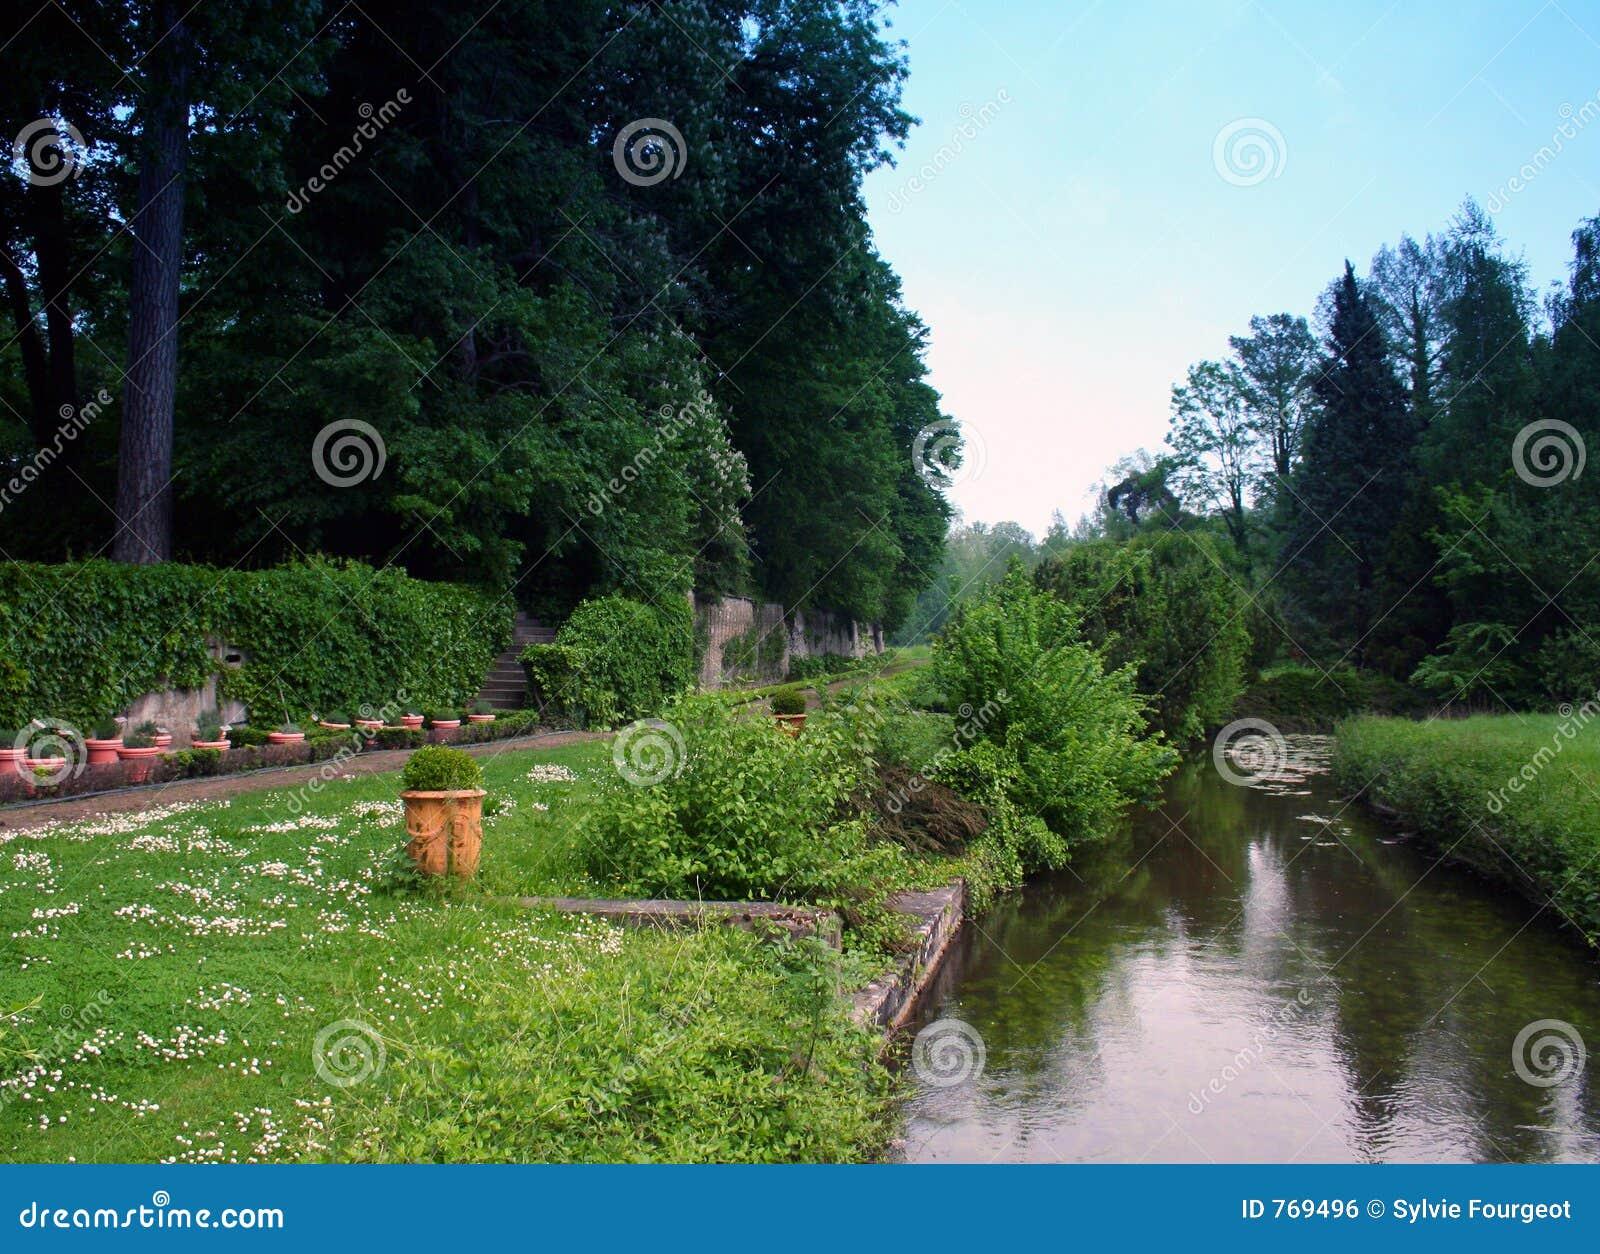 Jardin et fleuve.